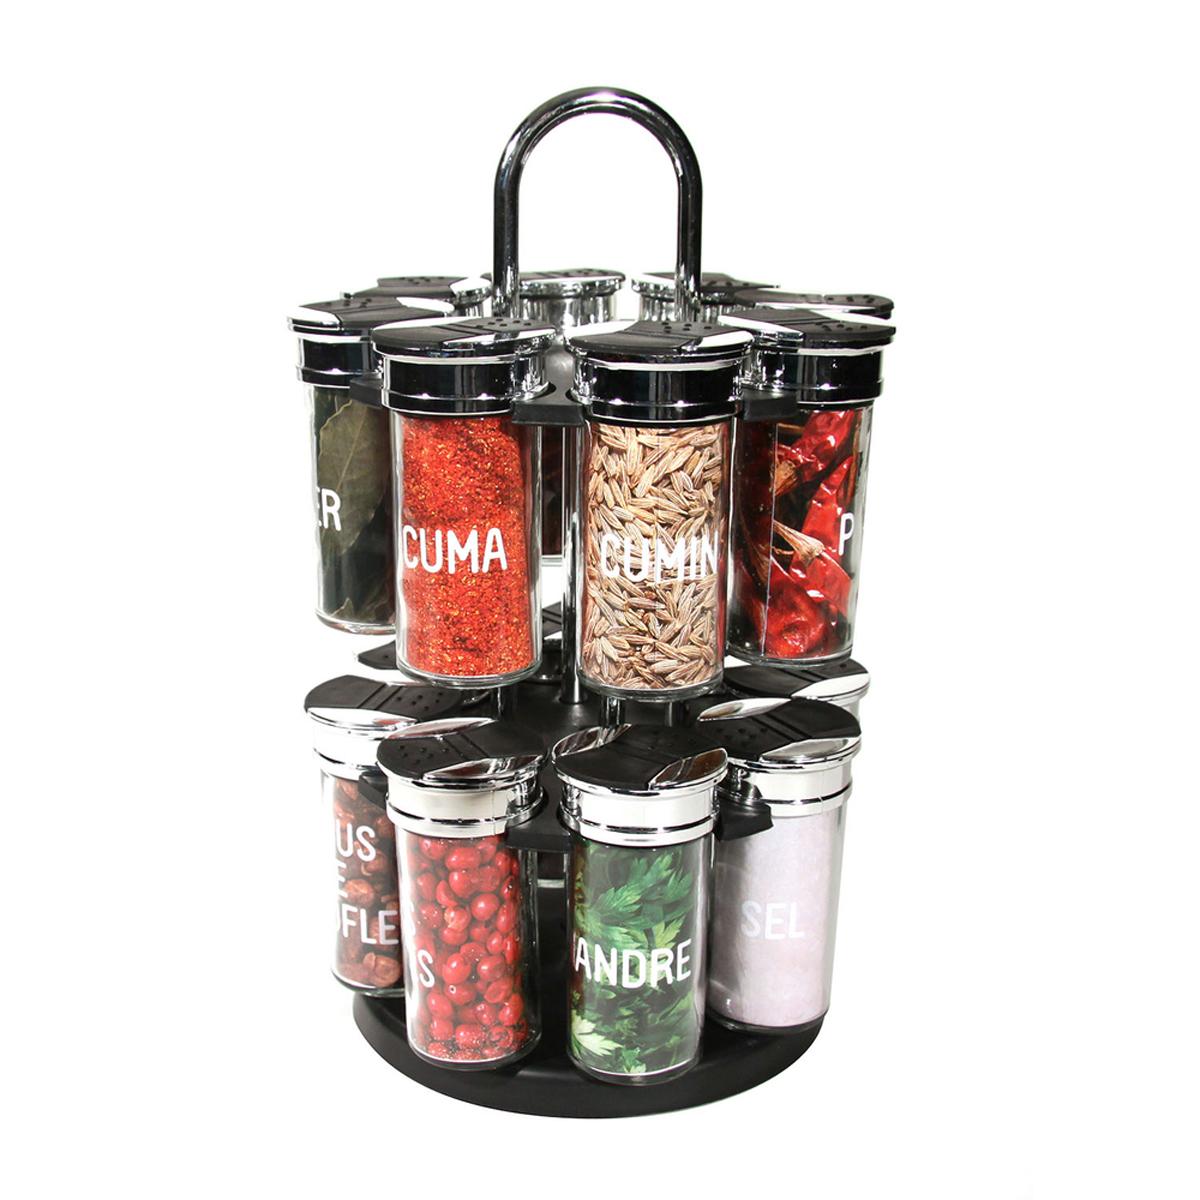 Carrousel à épices \'Epices\' 16 pots (plastique) - 315x19x19 cm - [R2898]